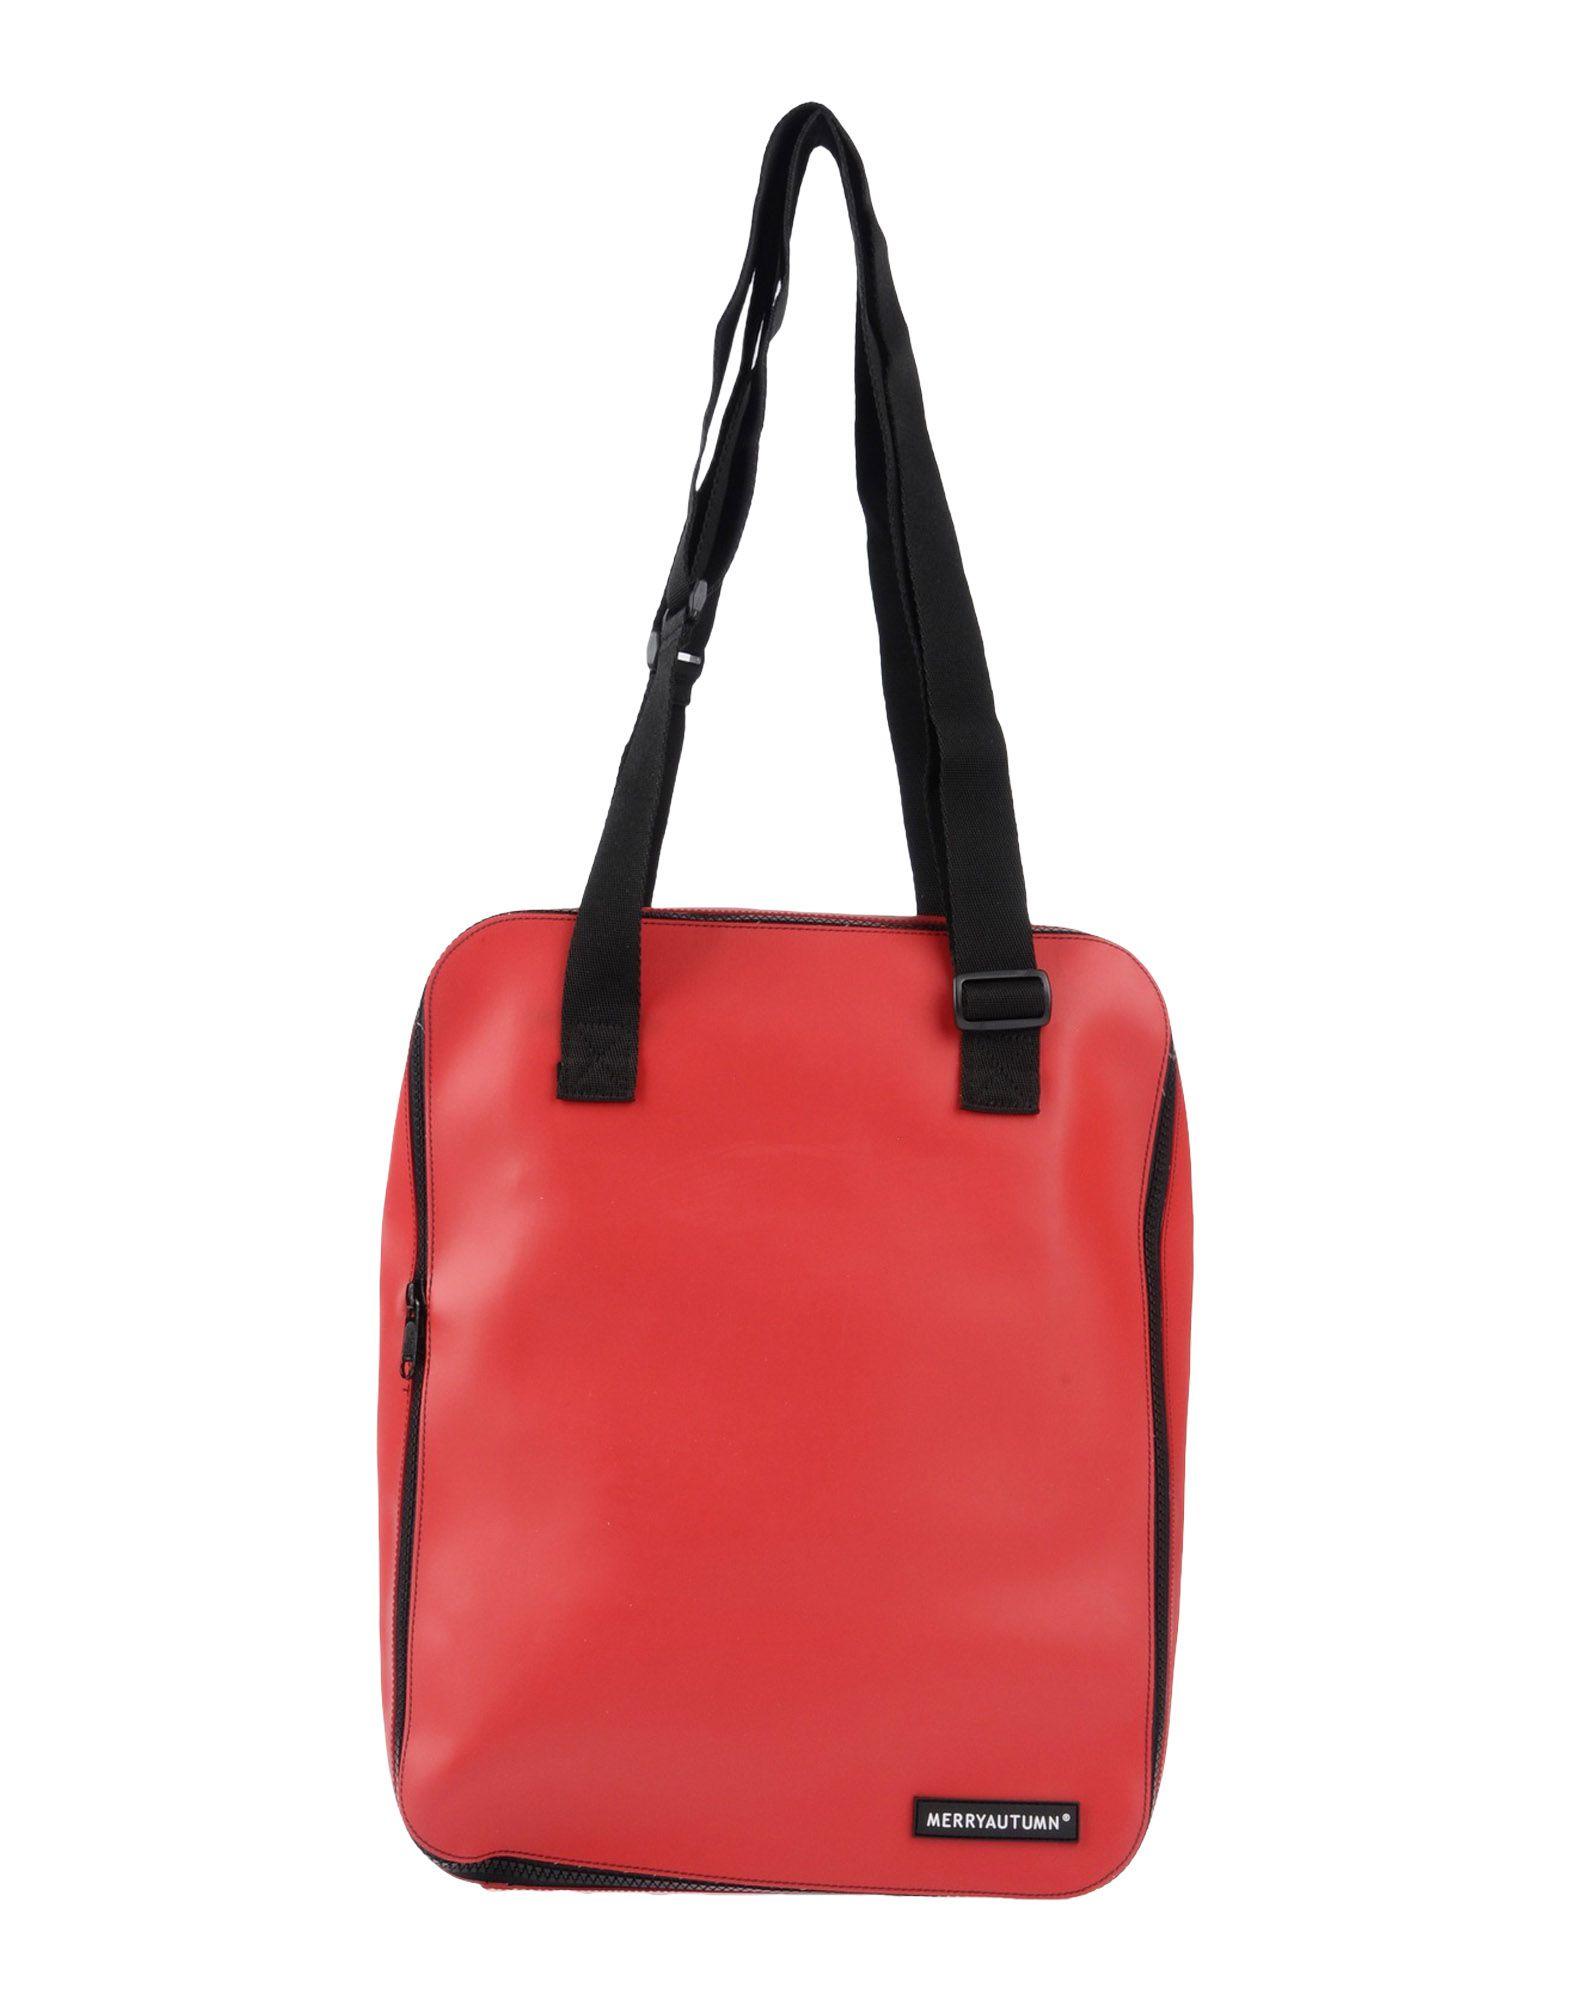 MERRY AUTUMN Сумка на плечо этель еще сладкий цвета джокер лук квадрат случайных улица baodan женщин плечо сумка